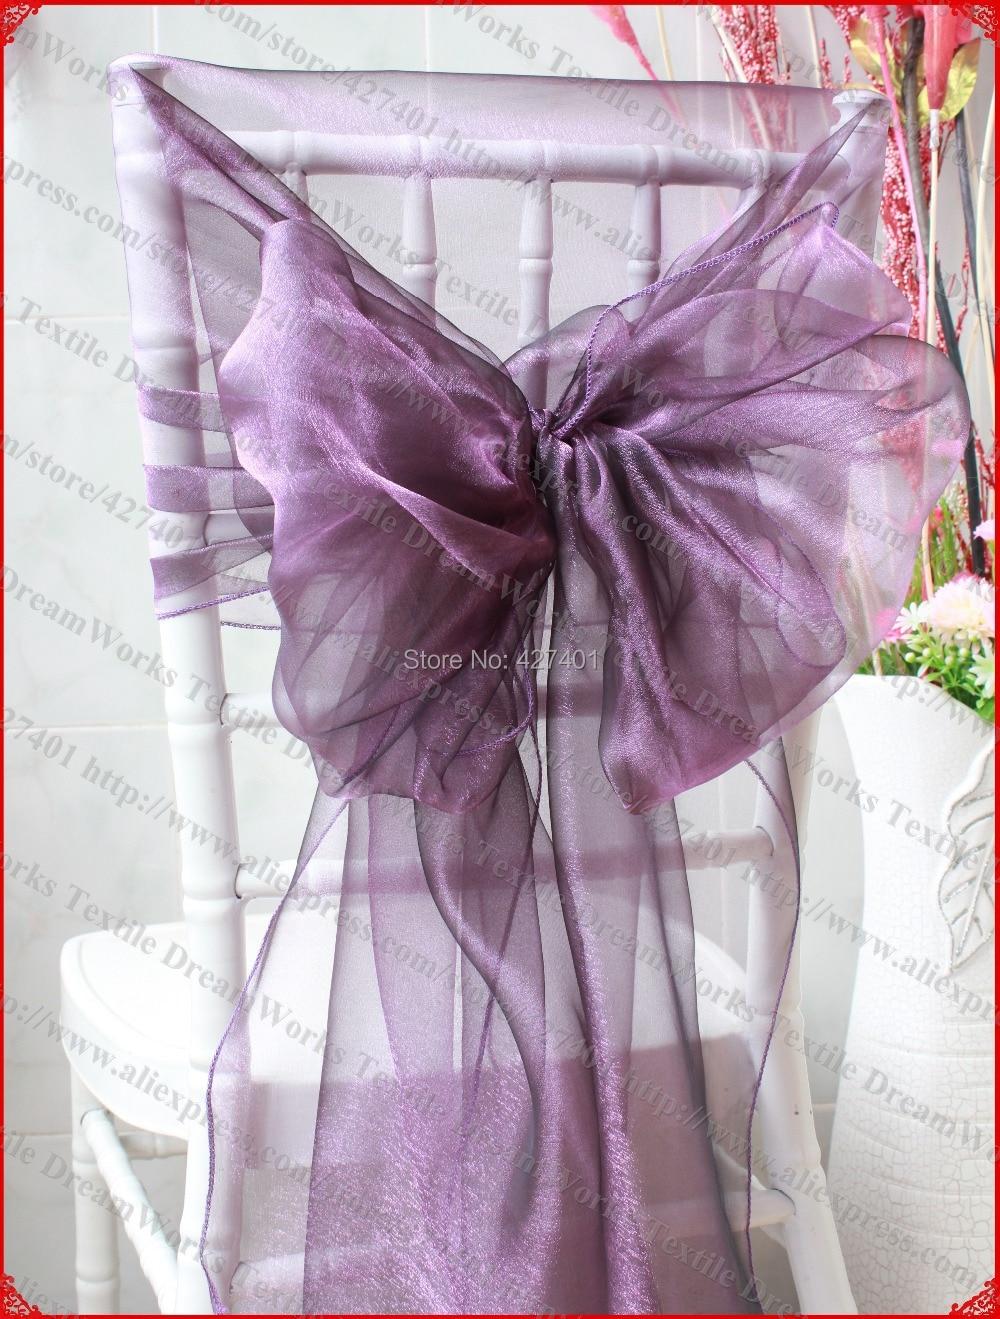 N ° 12 ciruela Organza silla campanas/silla tapas/cubierta de la silla de la faja de boda y fiesta y a casa y decoración textil para banquete Moderno de algodón de mantel de lino impermeable cuadrado fiesta banquete mantel para exteriores de Color sólido mantel NAPE de superposición